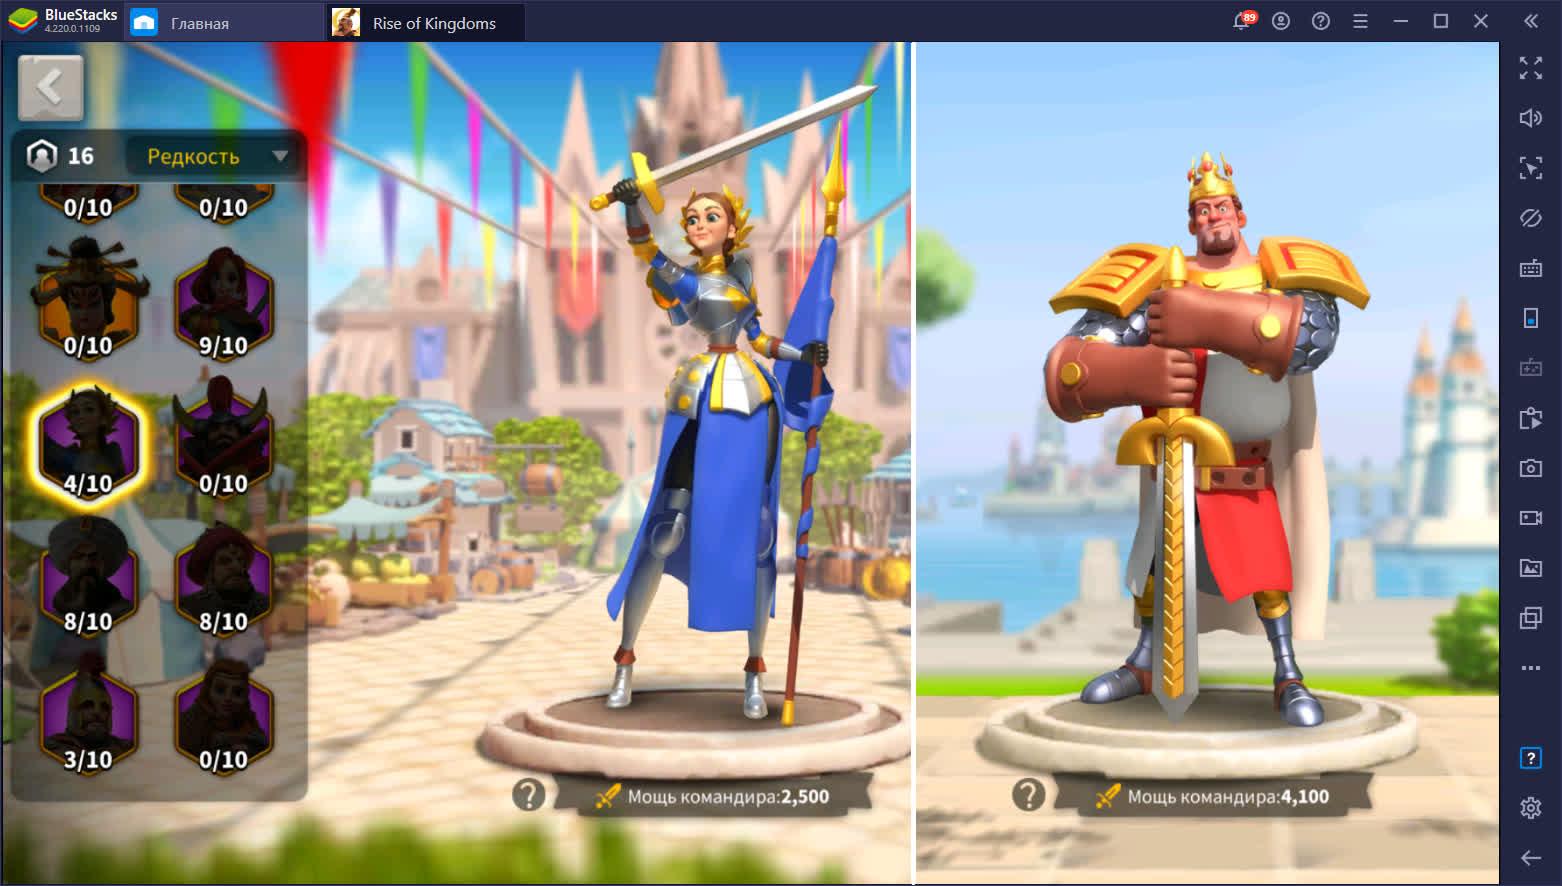 Лучшие сочетания командиров в Rise of Kingdoms